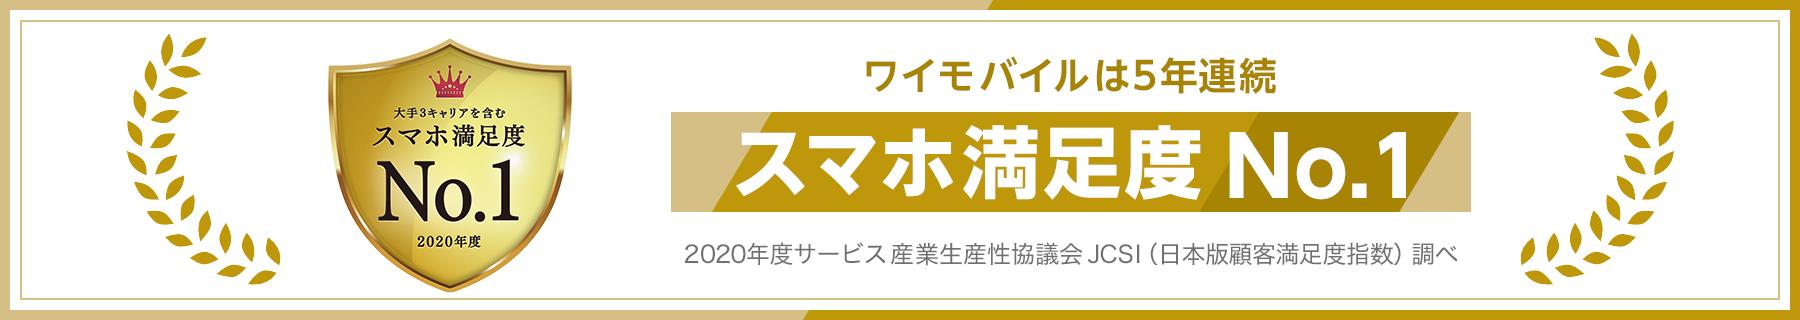 大手3キャリアを含むスマホ満足度ナンバーワン 2020年度 ワイモバイルは5年連続スマホ満足度 No.1 2020年度サービス産業生産性協議会 JCSI(日本版顧客満足度指数)調べ